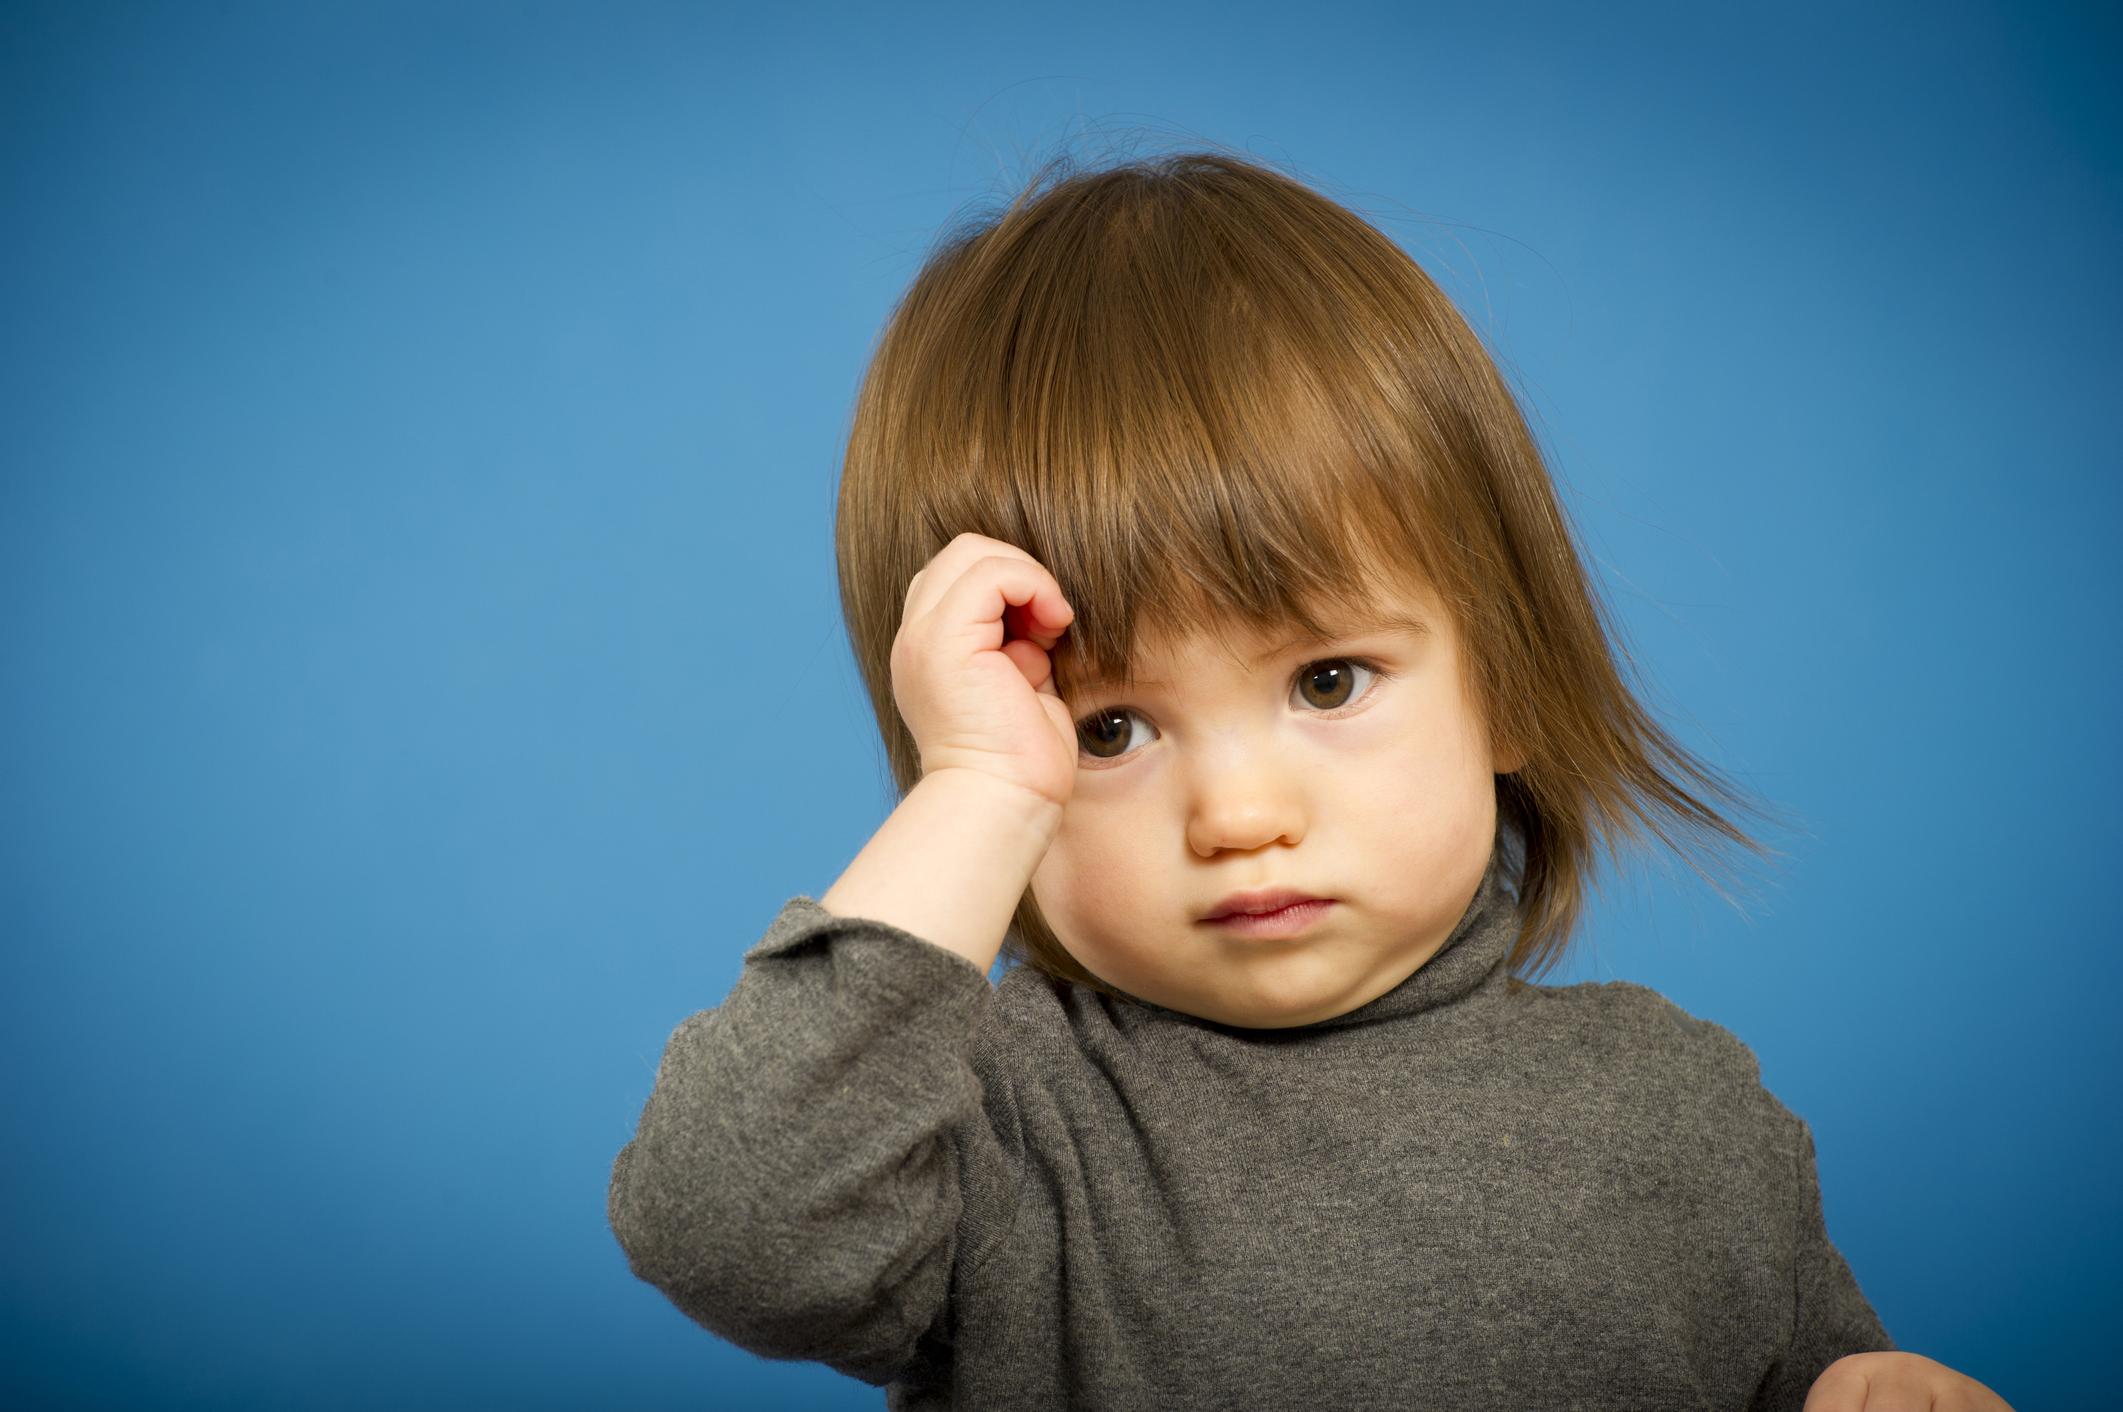 Wajib Tahu Bahaya Kutu Rambut Bagi Anak